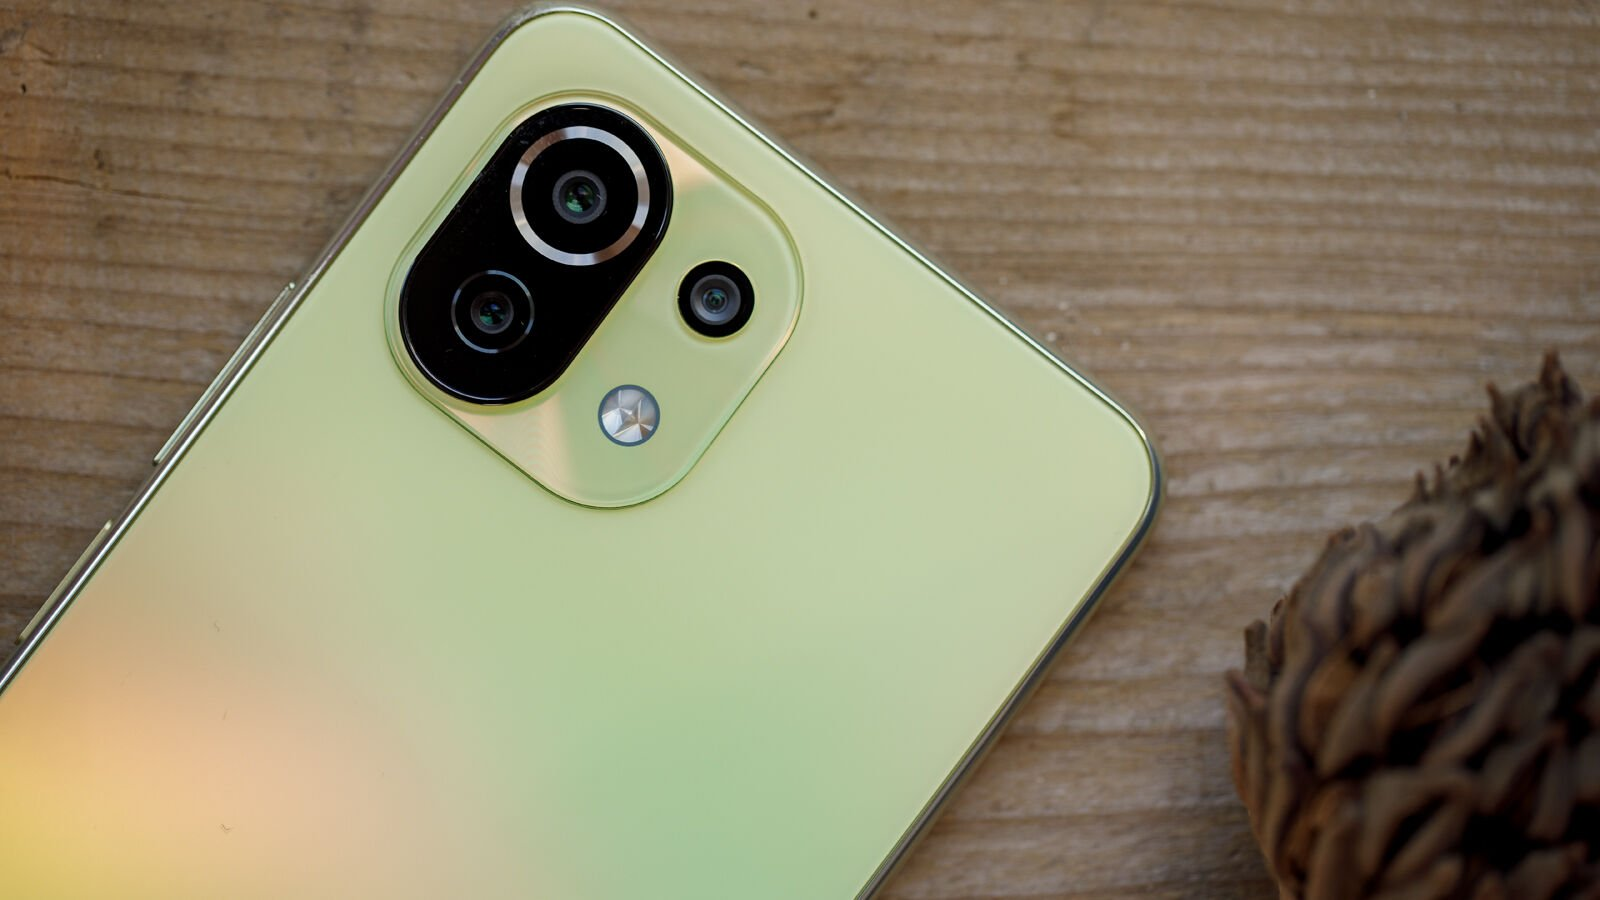 Xiaomi Mi 11 Lite 5G camera